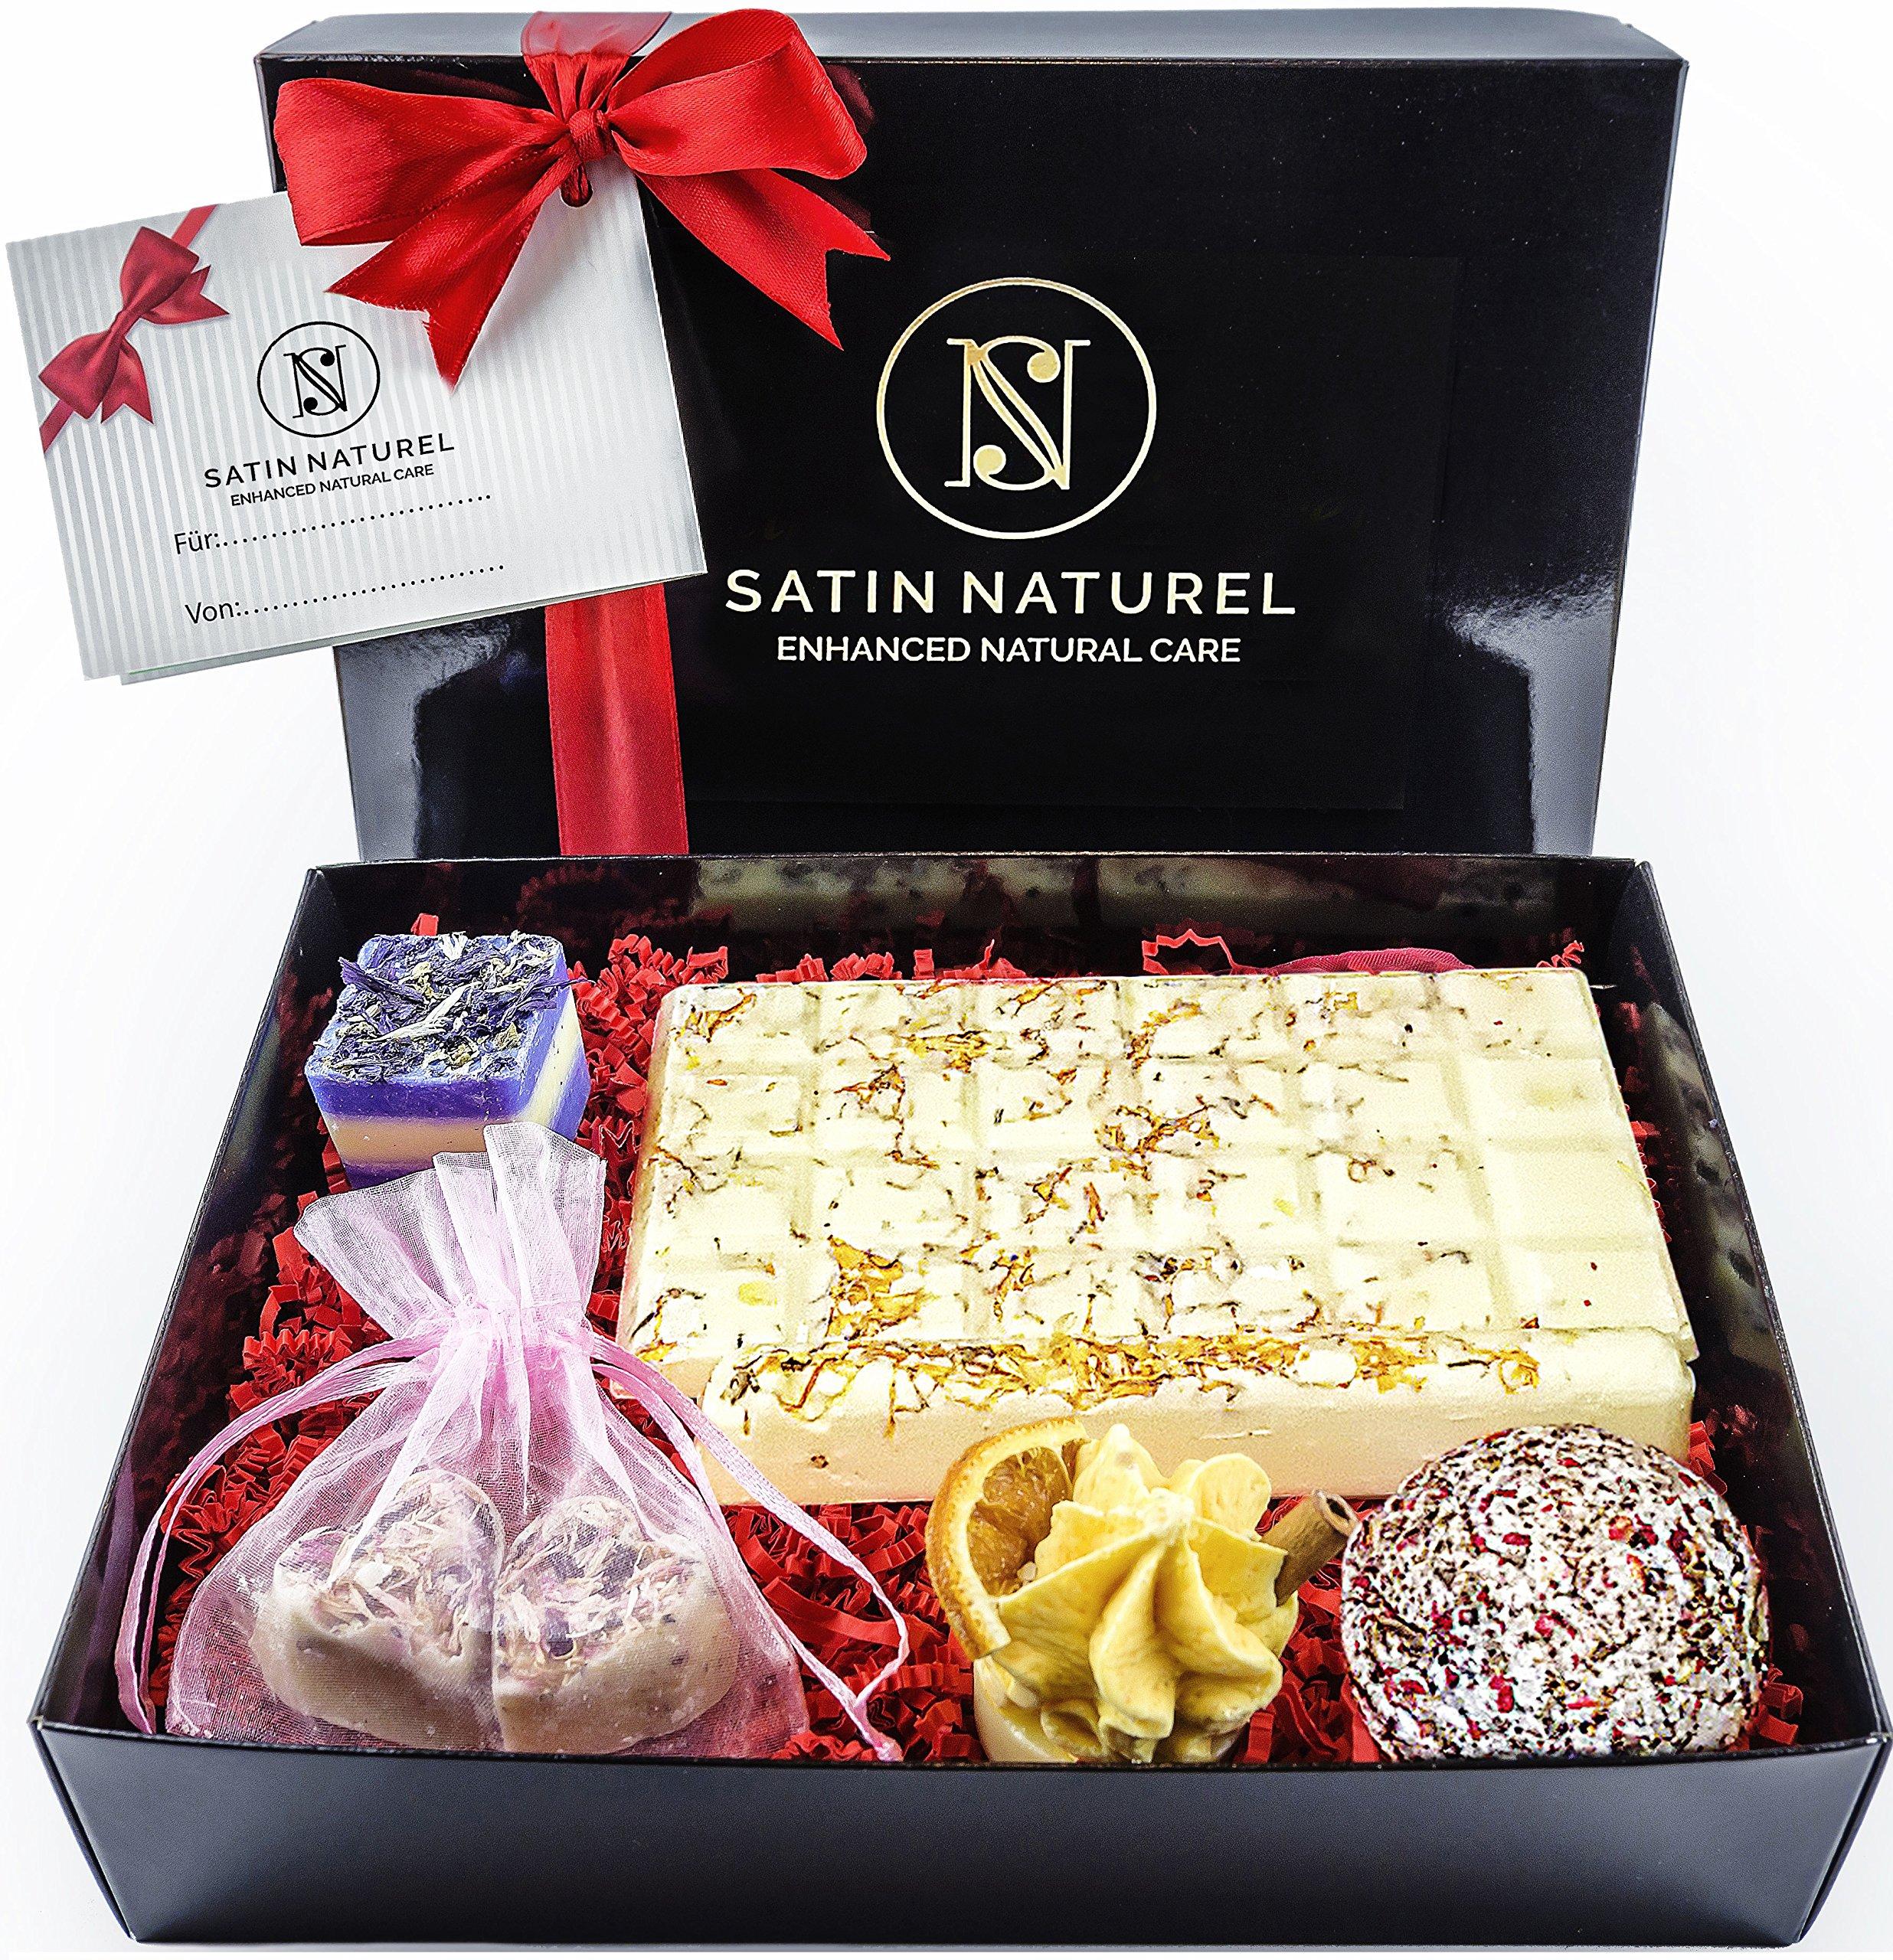 BIO Badepralinen 7er Geschenkset - Ideale Geburtstags Geschenk Idee für die Frau - Höchste Qualität von Satin Naturel…